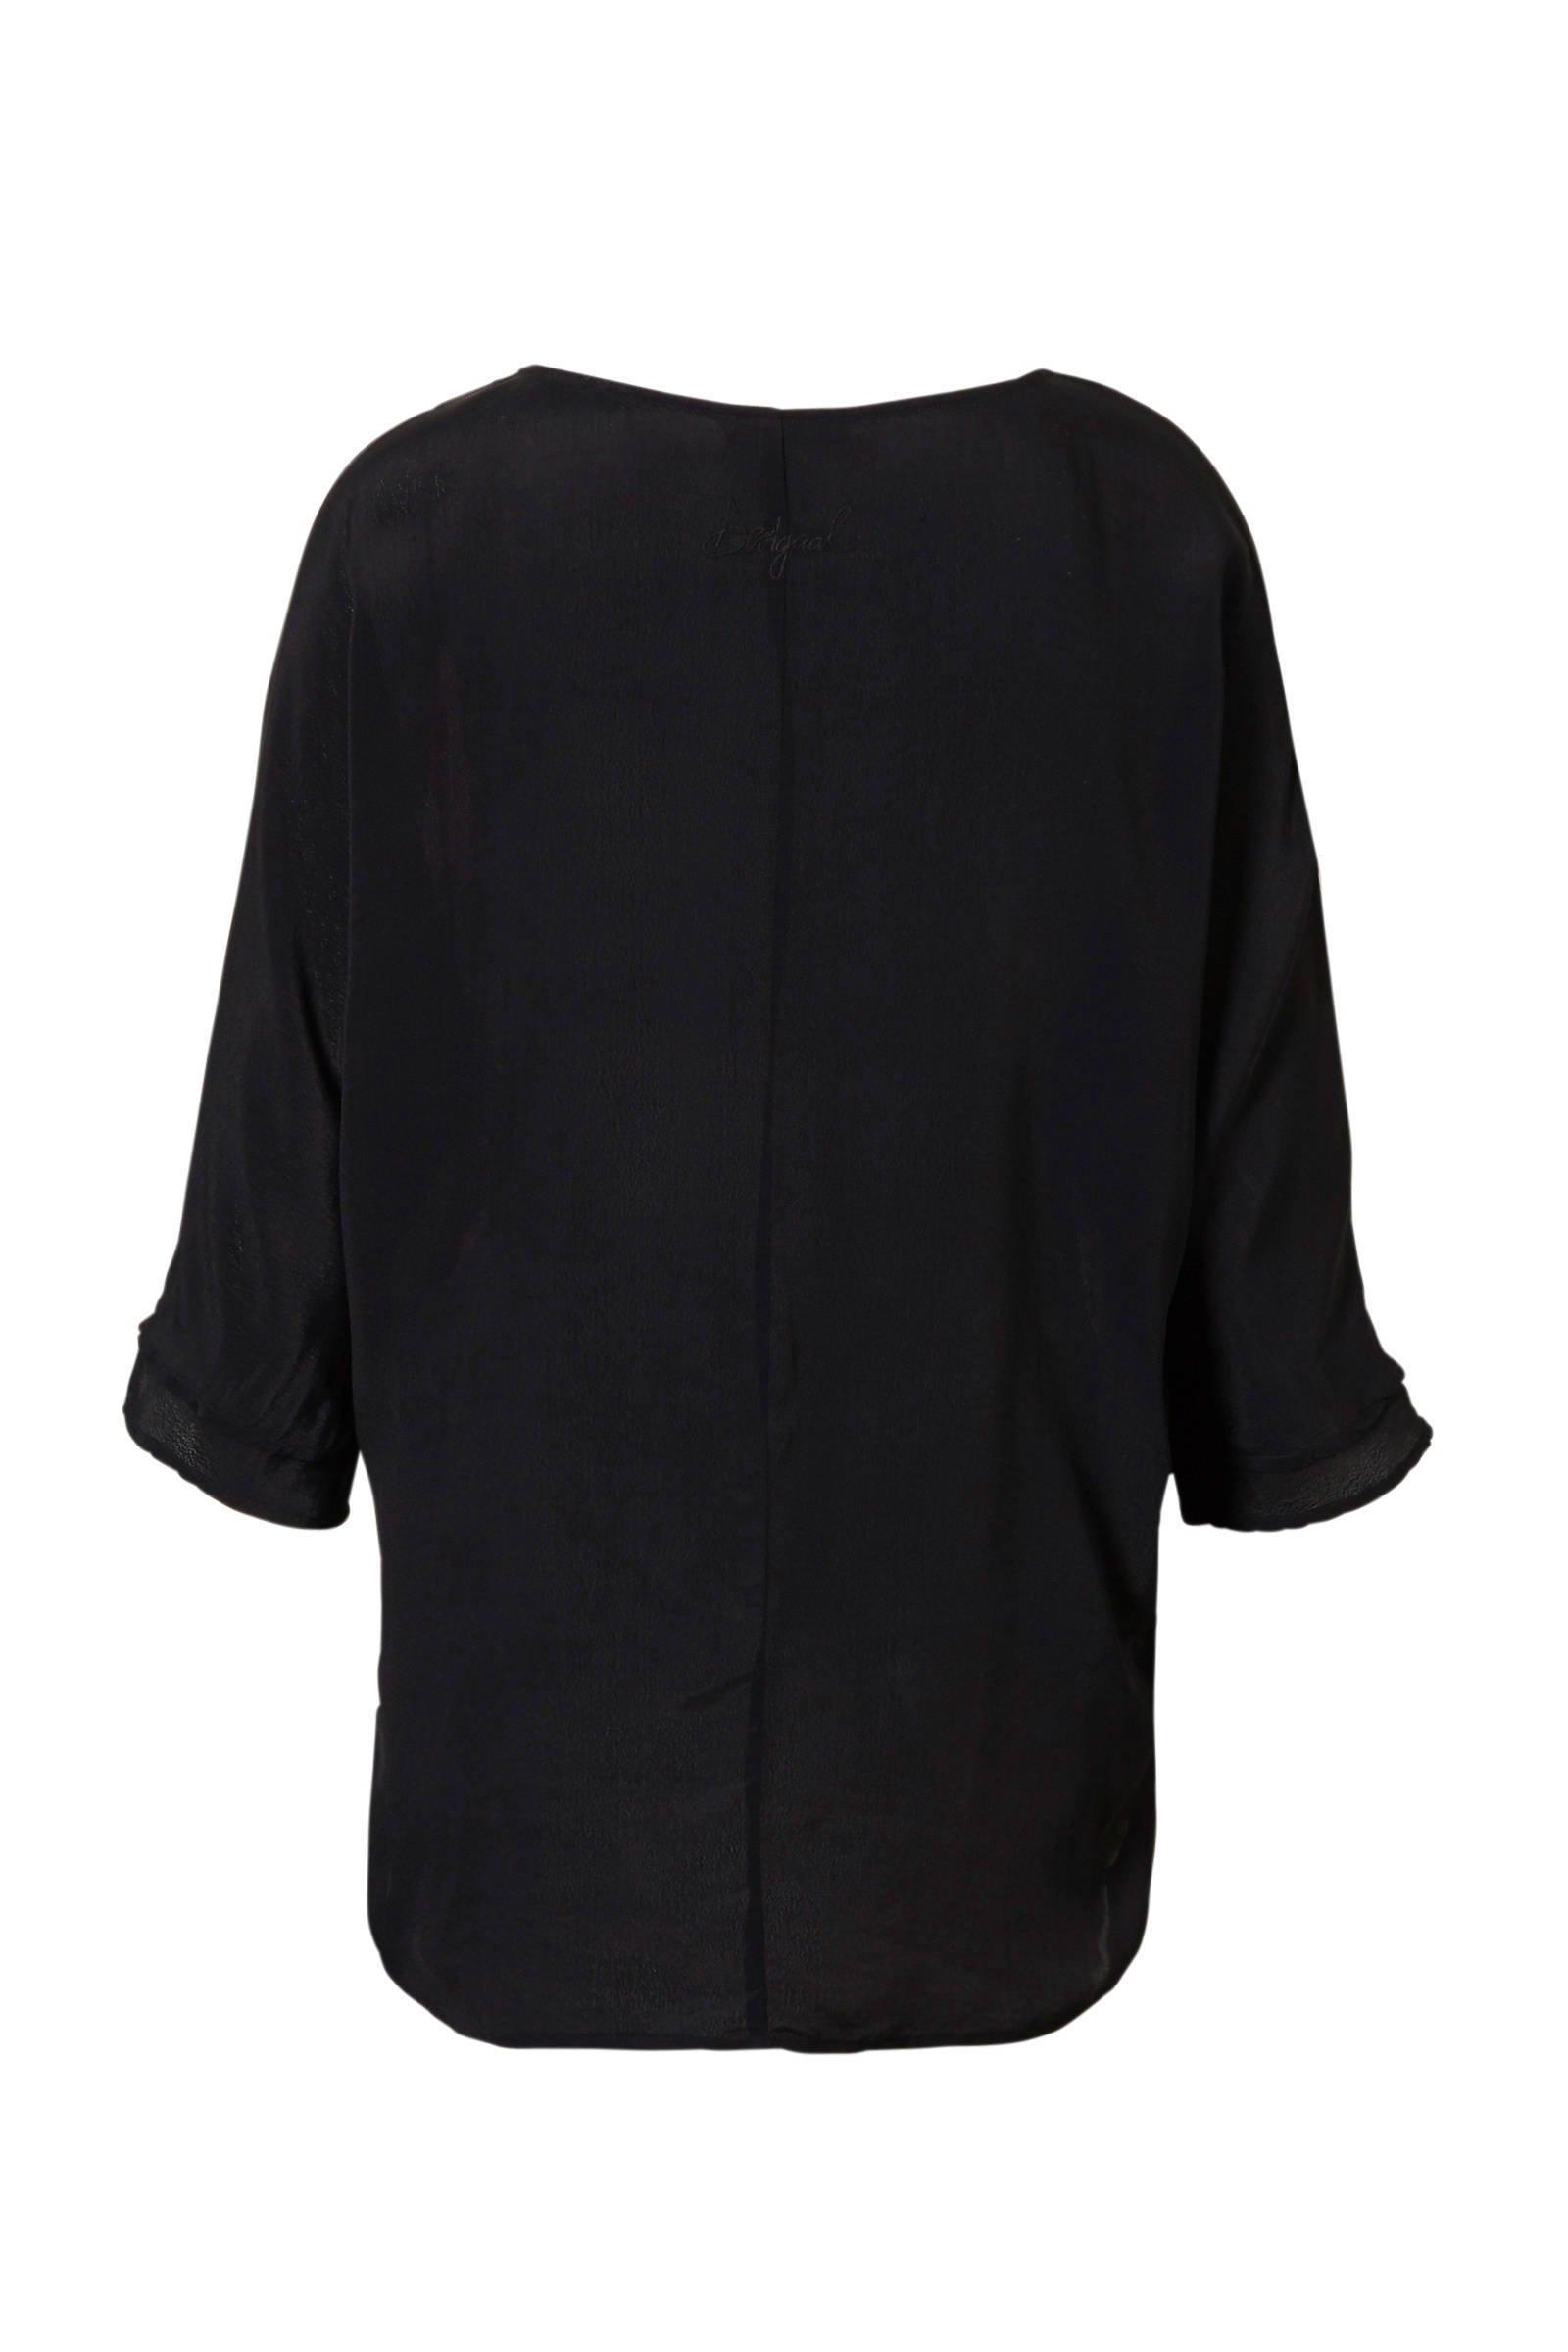 met met blouse bloemenprint blouse blouse met Desigual bloemenprint Desigual Desigual qCUwPx8x